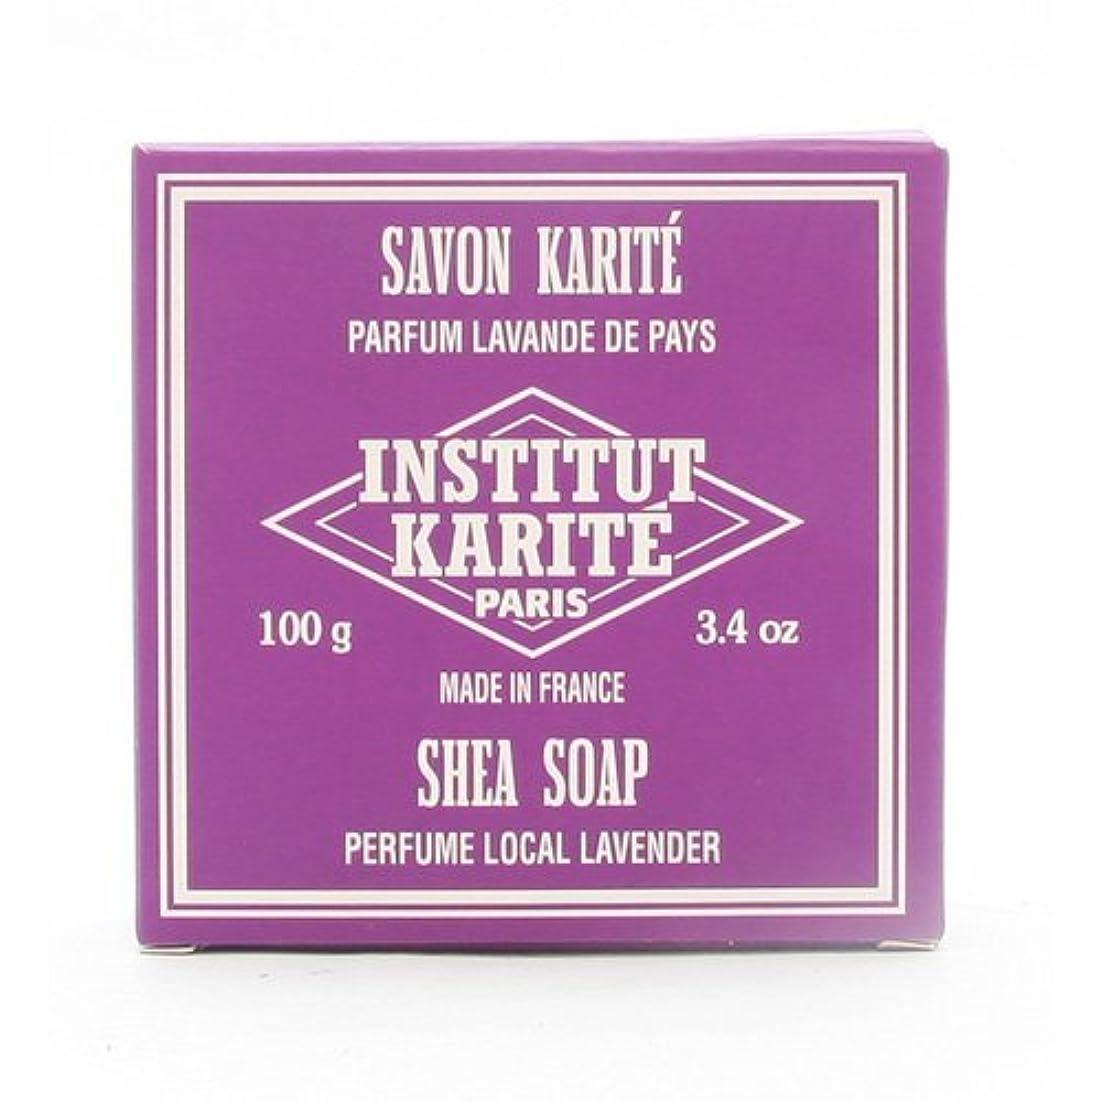 分析素晴らしさ息苦しいINSTITUT KARITE インスティテュート カリテ 25% Extra Gentle Soap ジェントルソープ 100g Local Lavender ローカルラベンダー